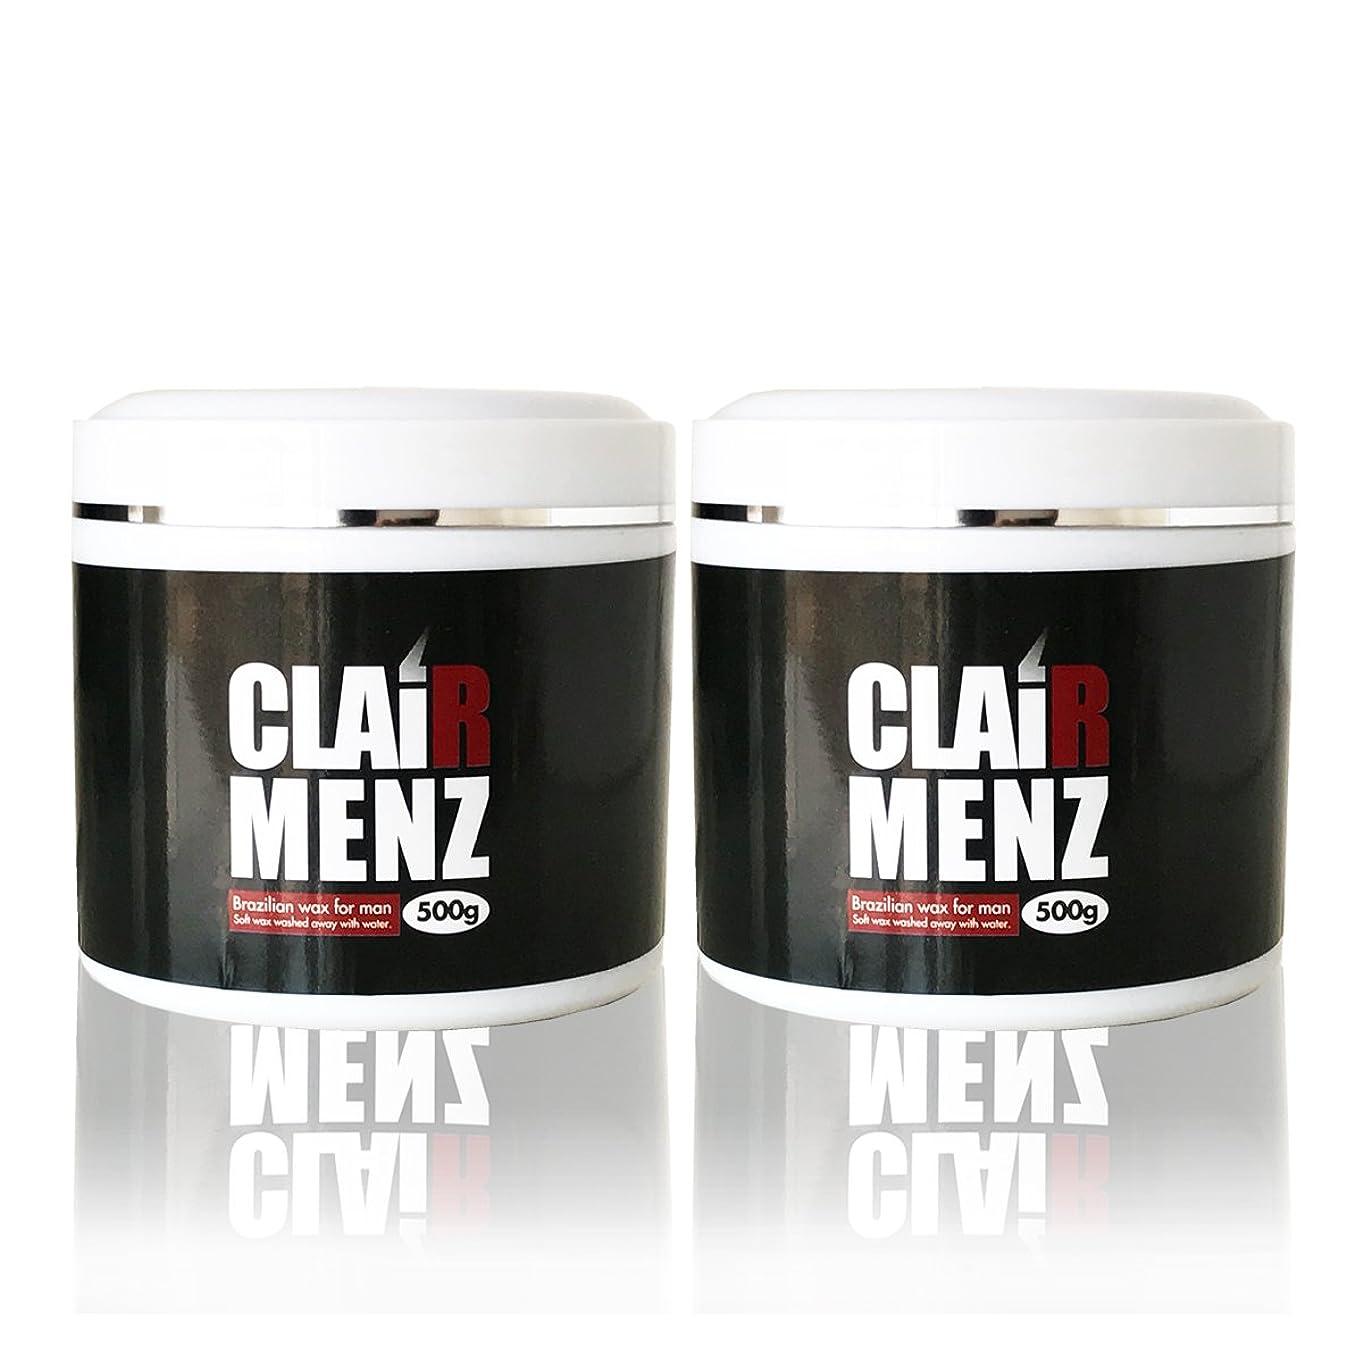 取得するジーンズうなるブラジリアンワックス メンズ専用 clair Menz wax 500g (単品2個セット) メンズ脱毛専用ラベル 無添加ワックス 脱毛